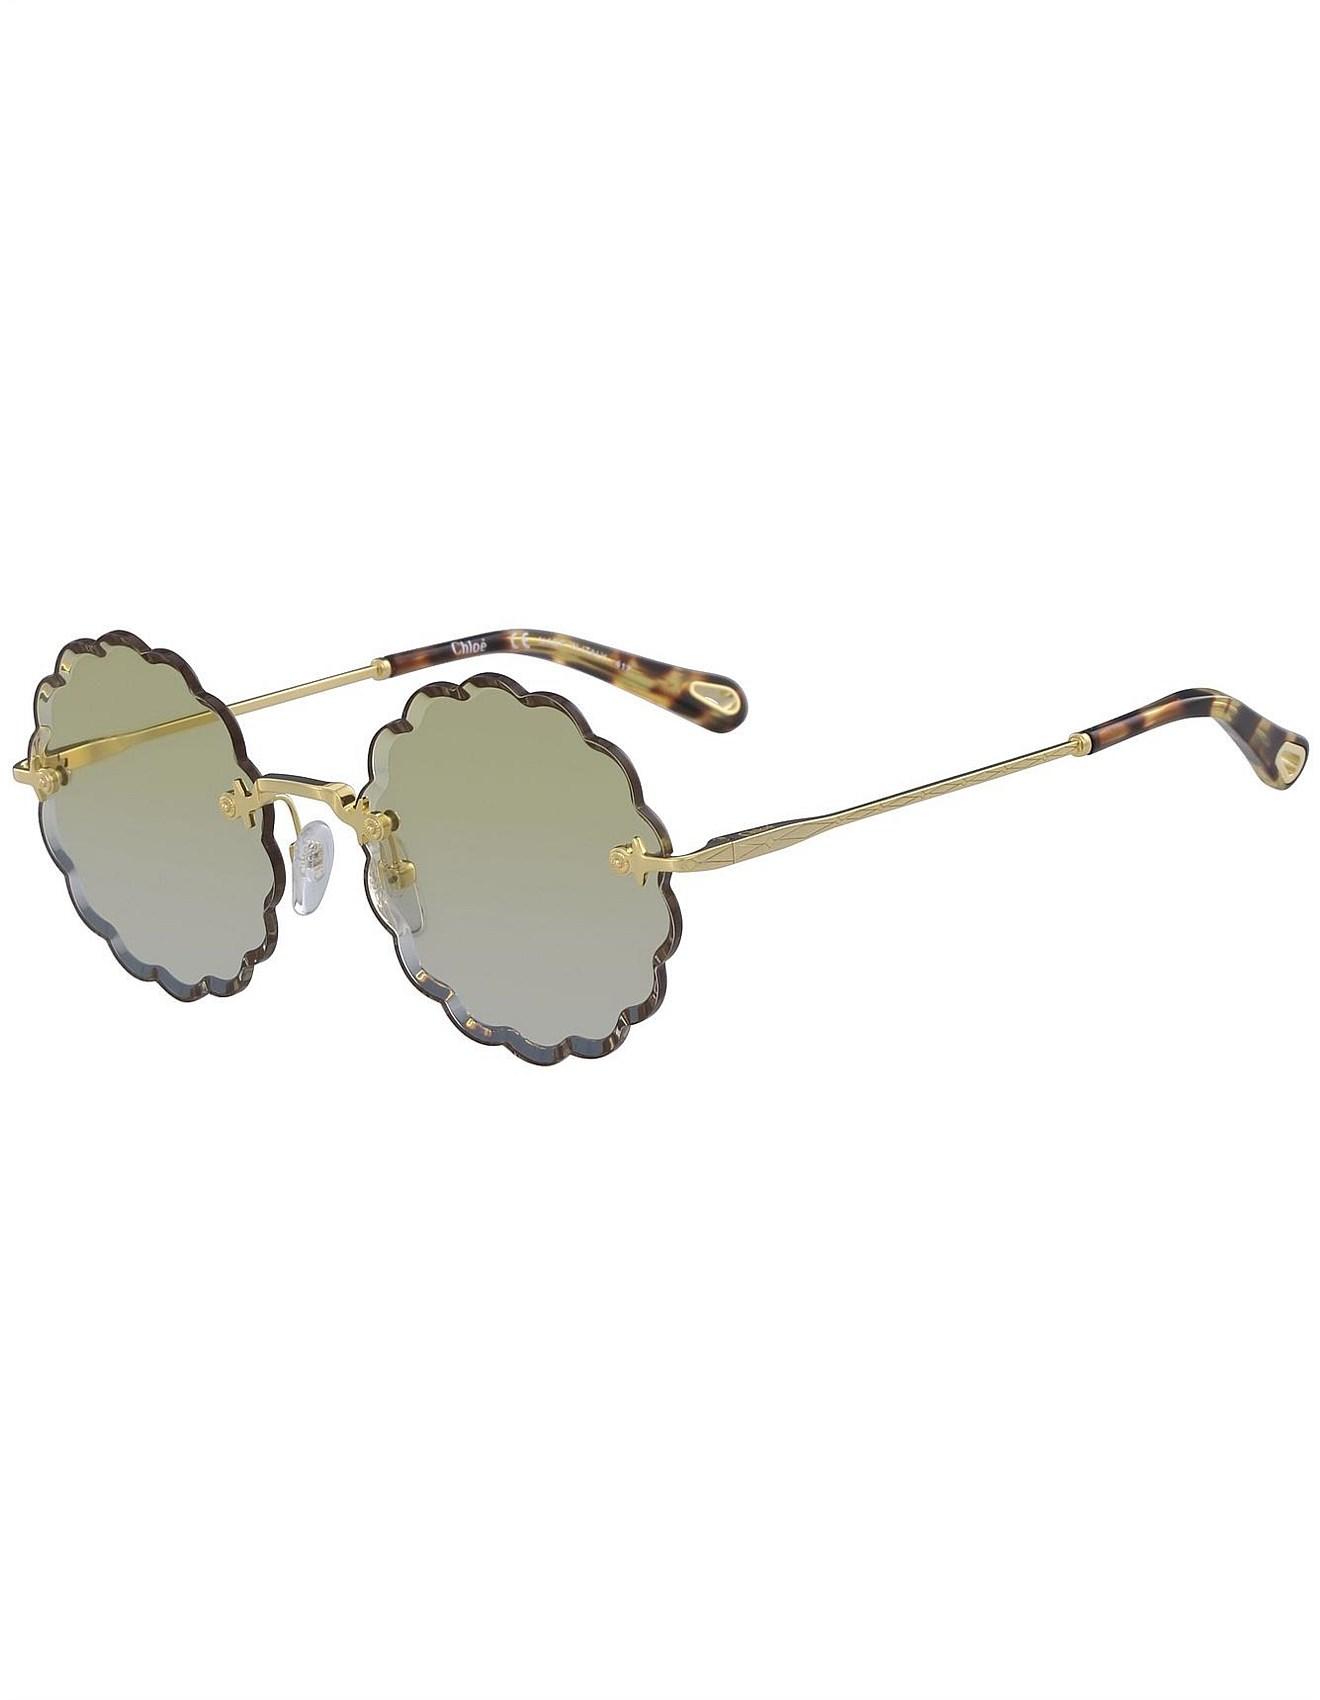 941cc27a2af36 Rosie Petite Sunglasses